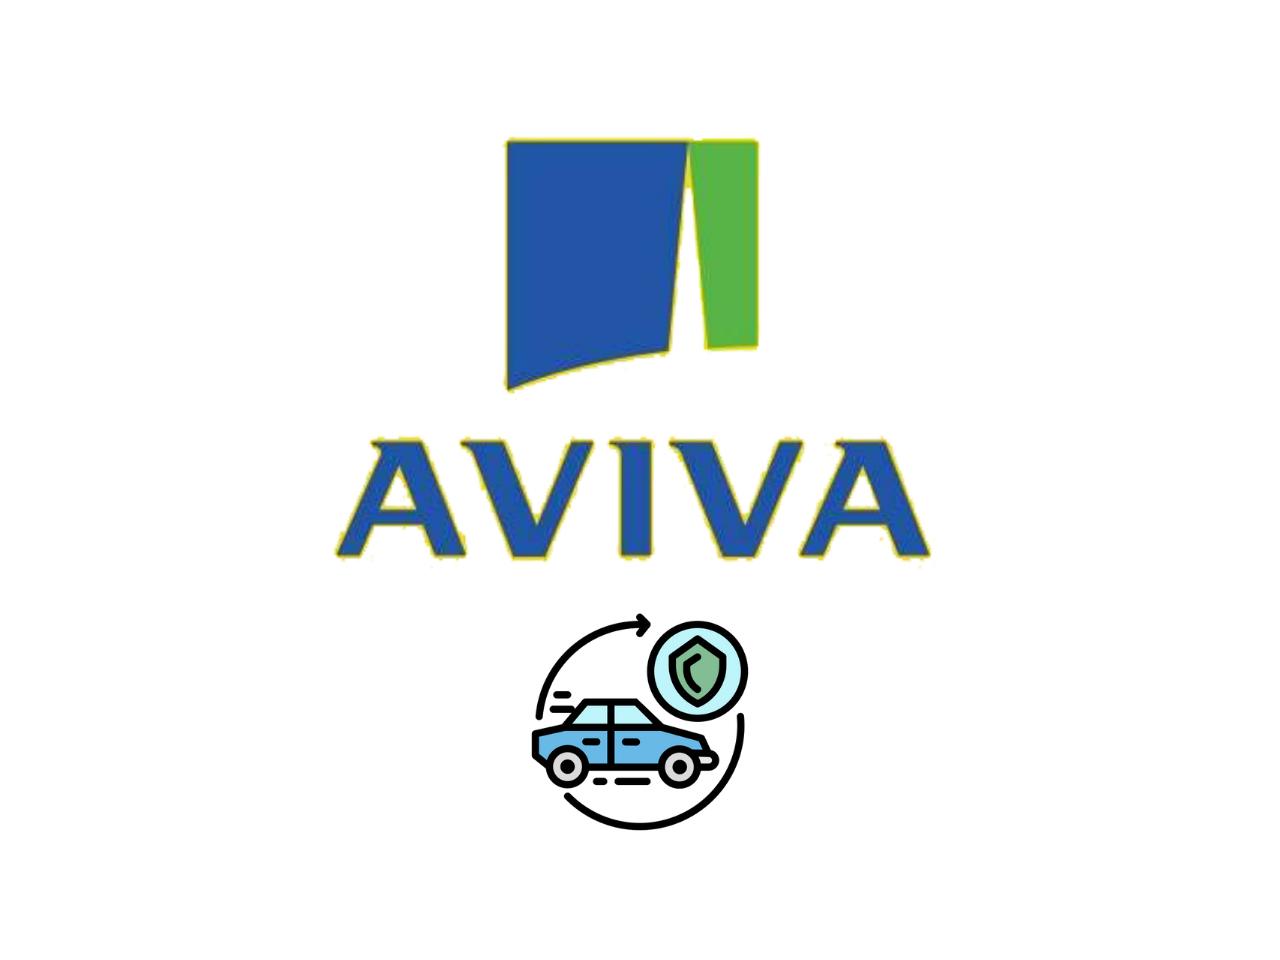 Aviva Vehicle Insurance Review